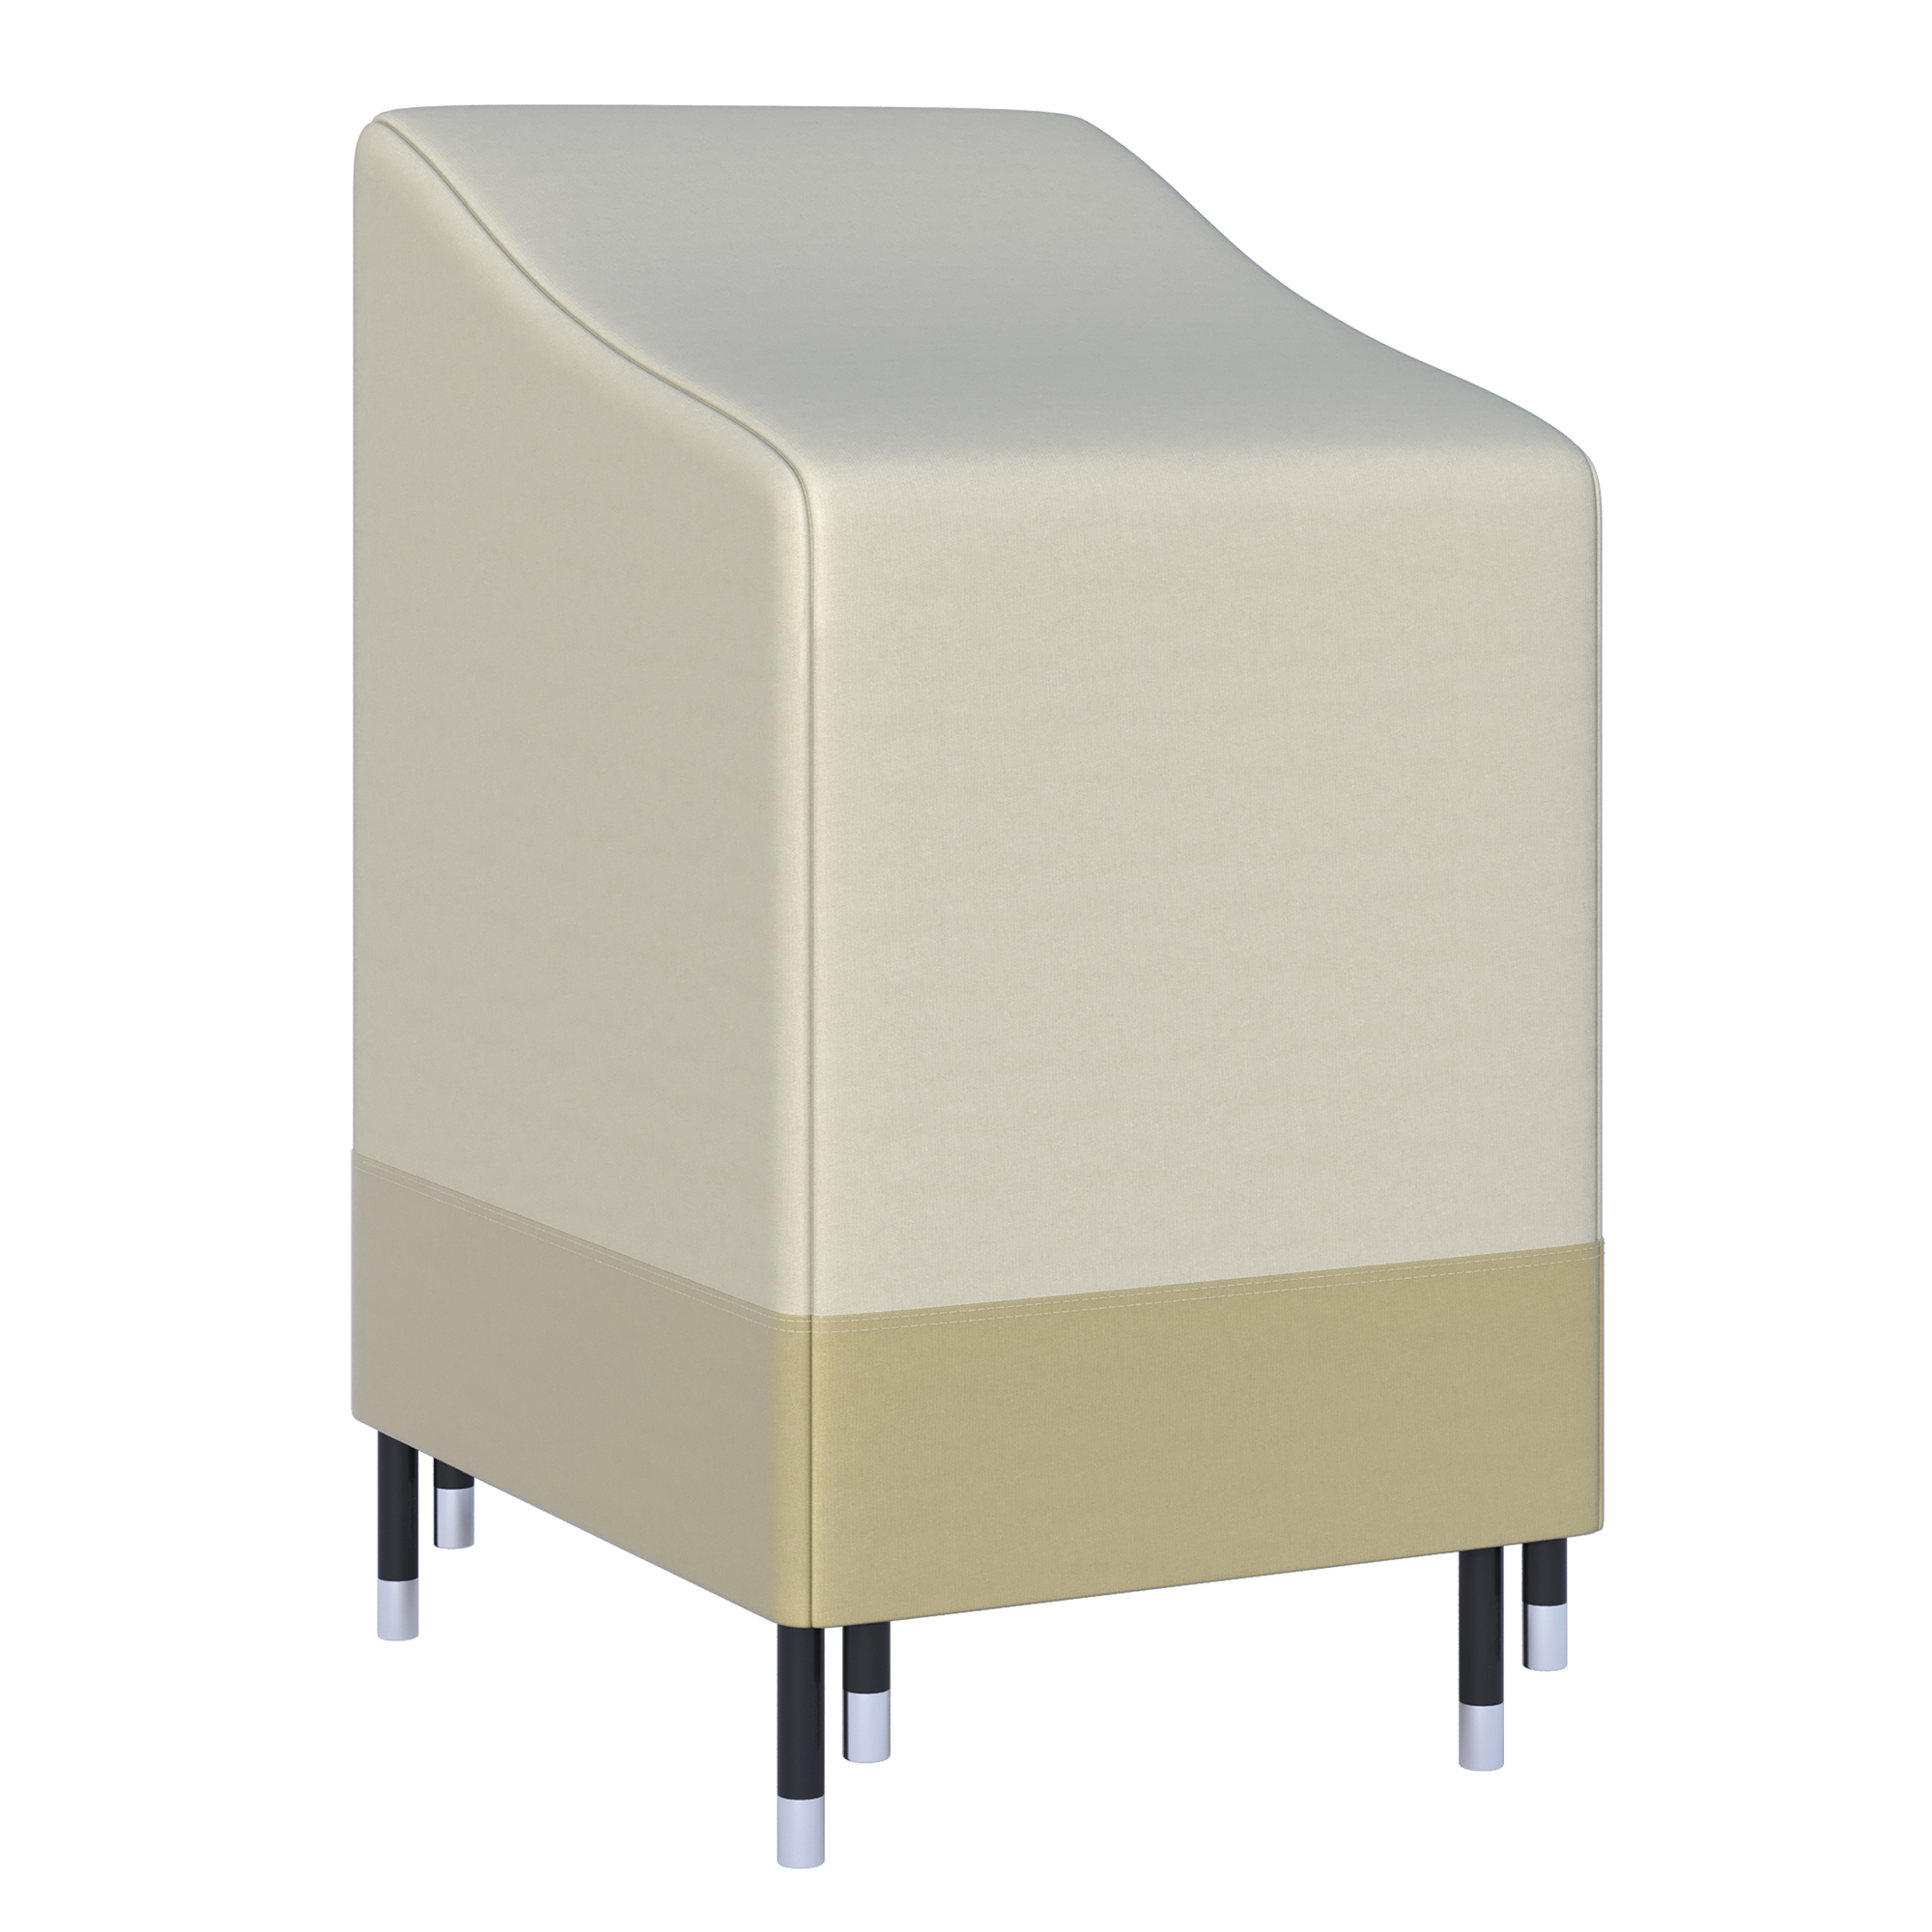 Housse protection chaises de jardin 70L x 90l x 115H cm